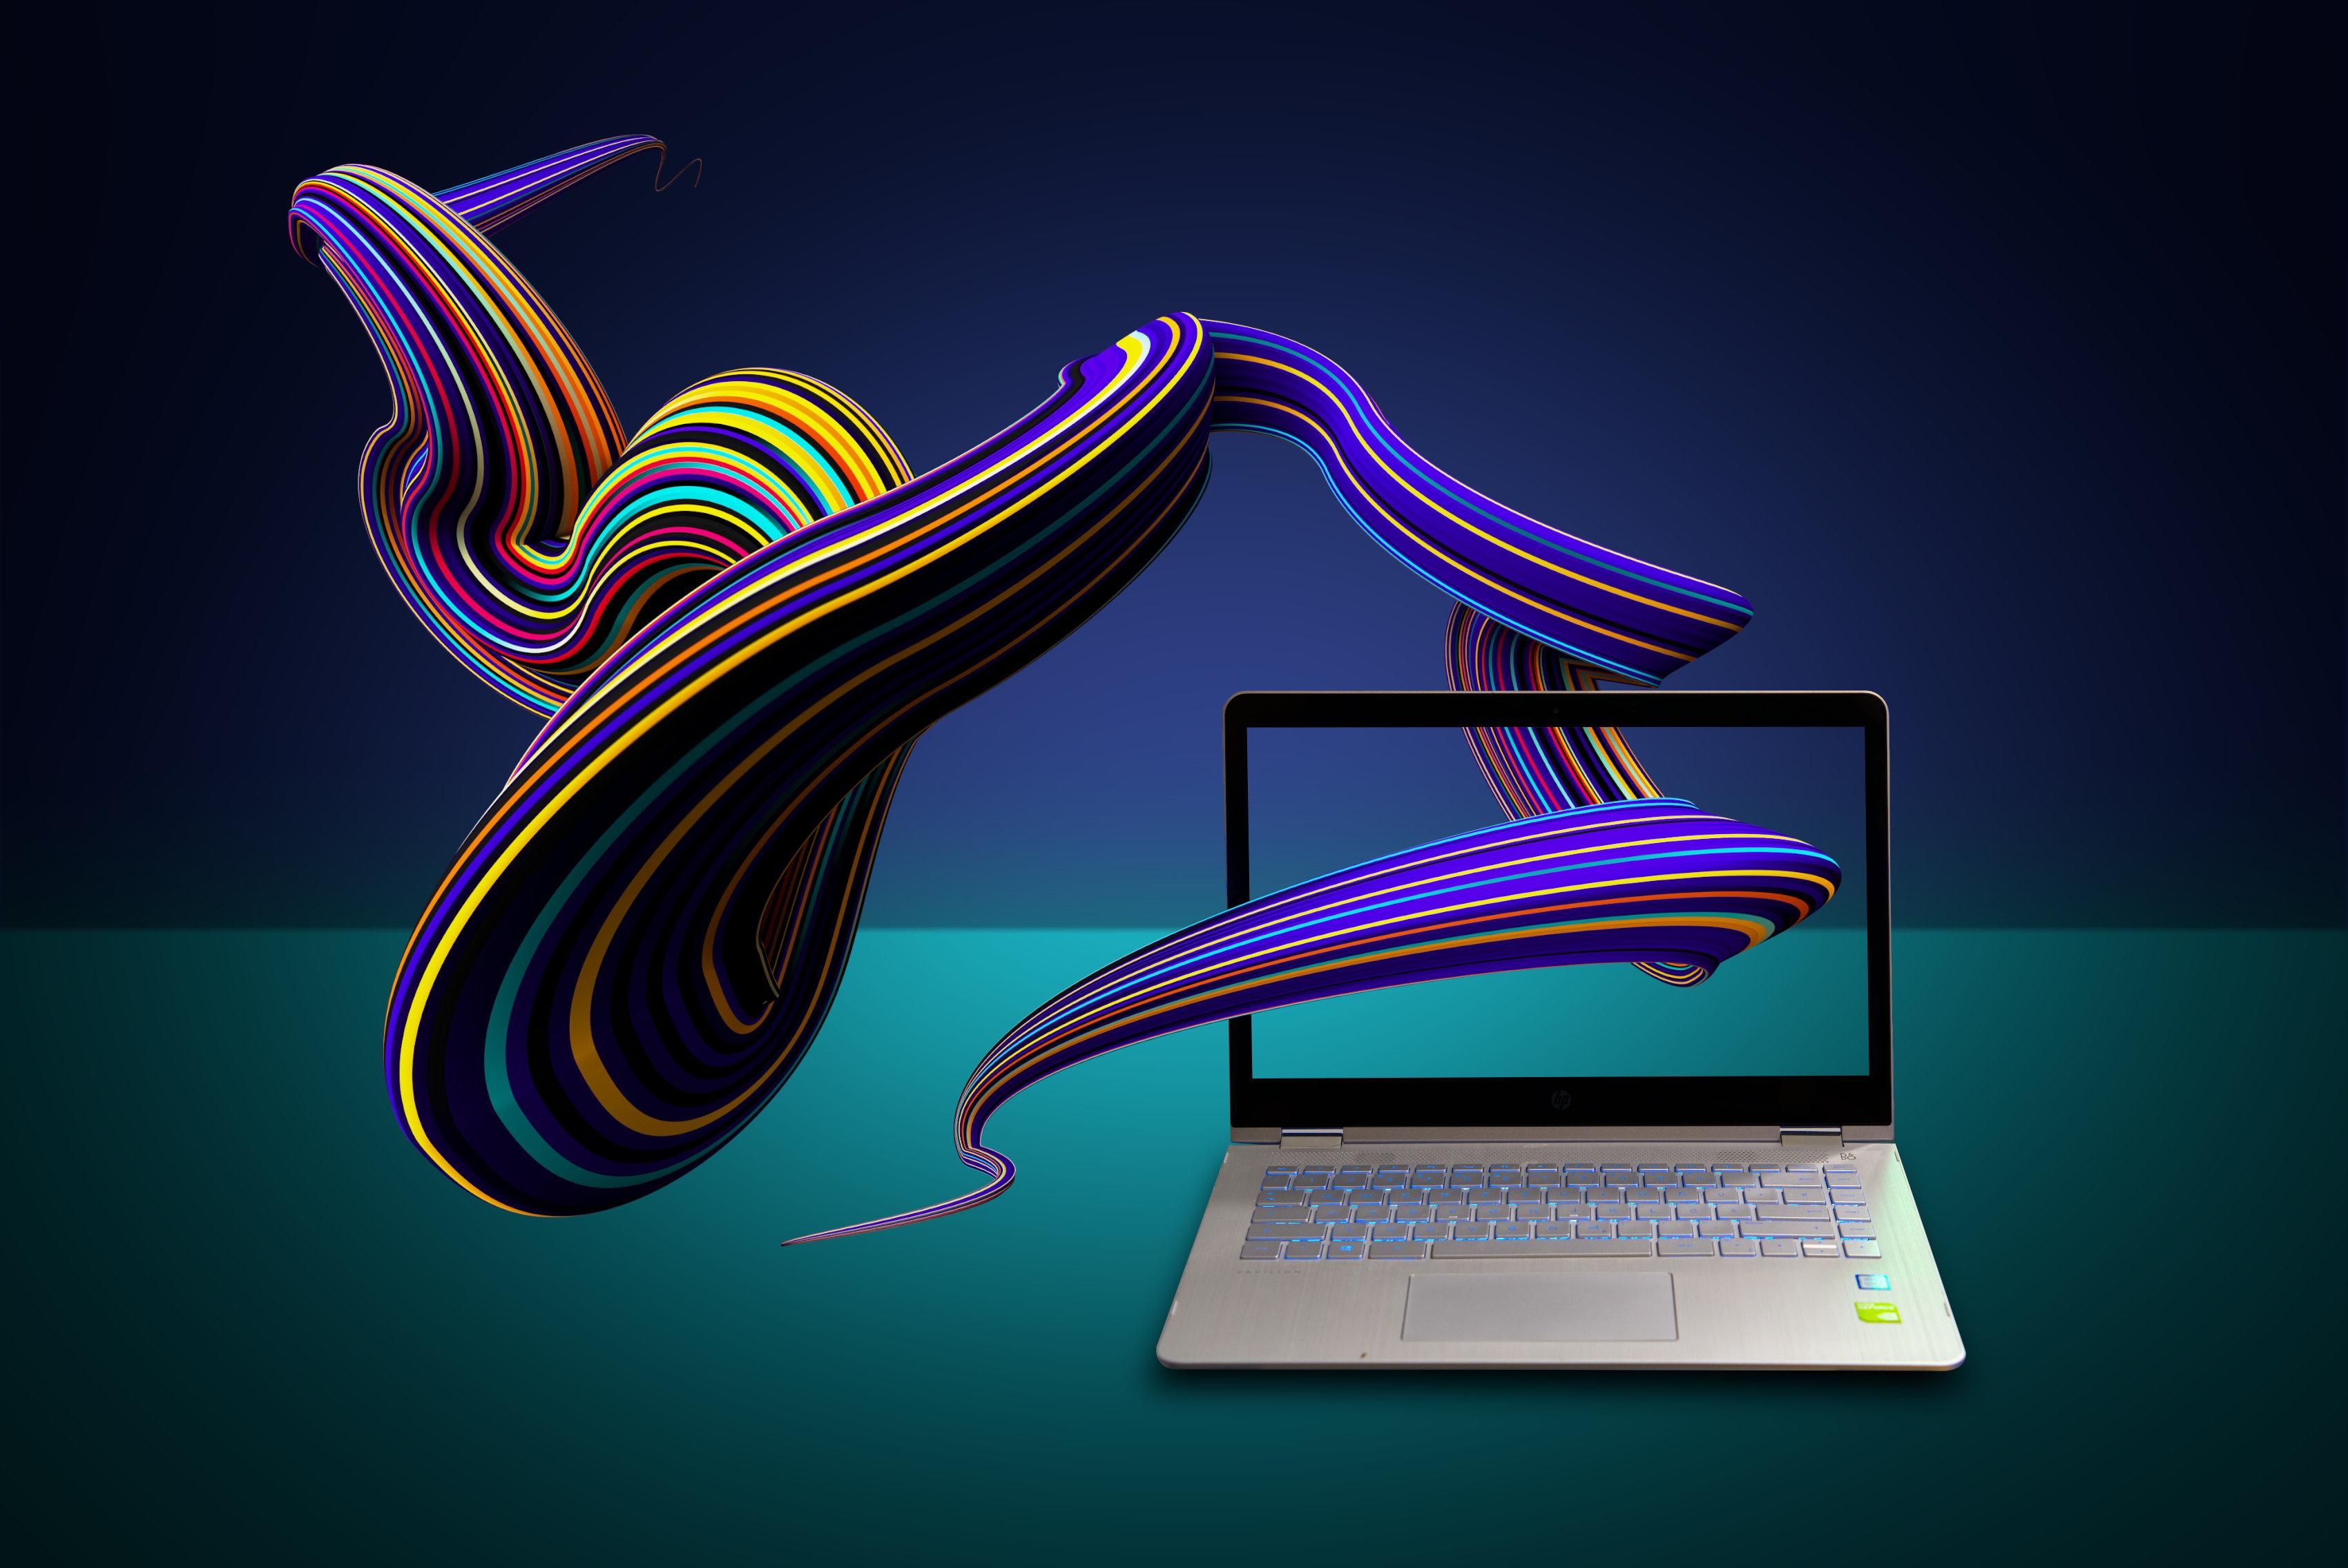 Laptop mit bunten Kurven - Remake einer Werbung von Mediengestalter Manuel Geissinger aus Freiburg